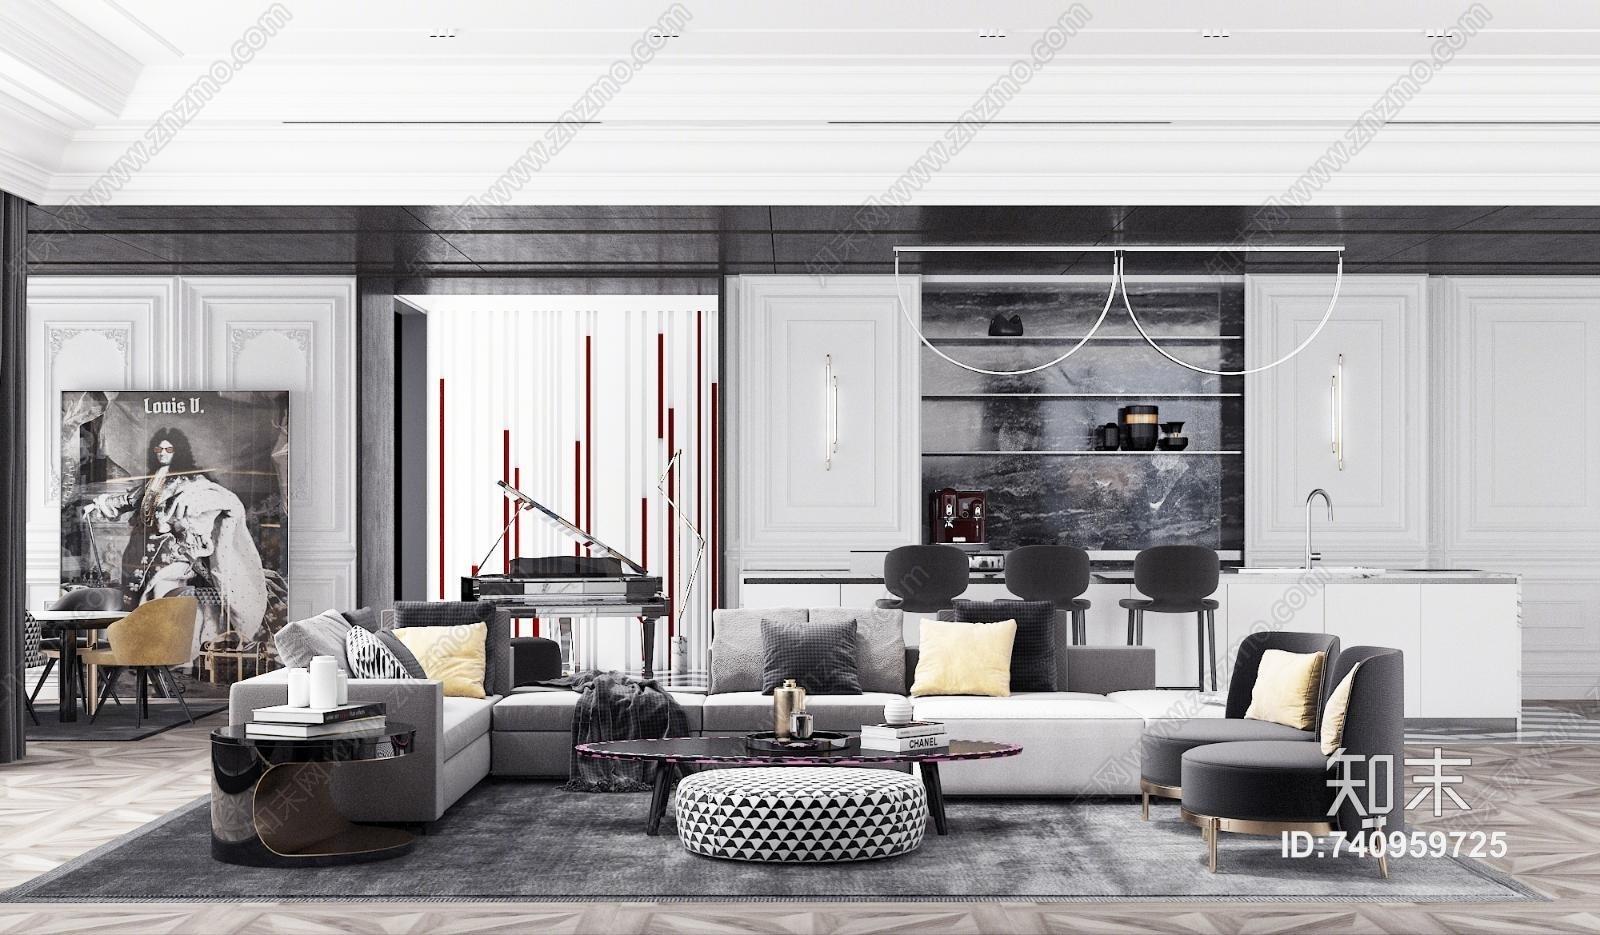 现代黑白灰客厅 餐厅 水吧区 钢琴区 沙发 餐桌 茶几 椅子